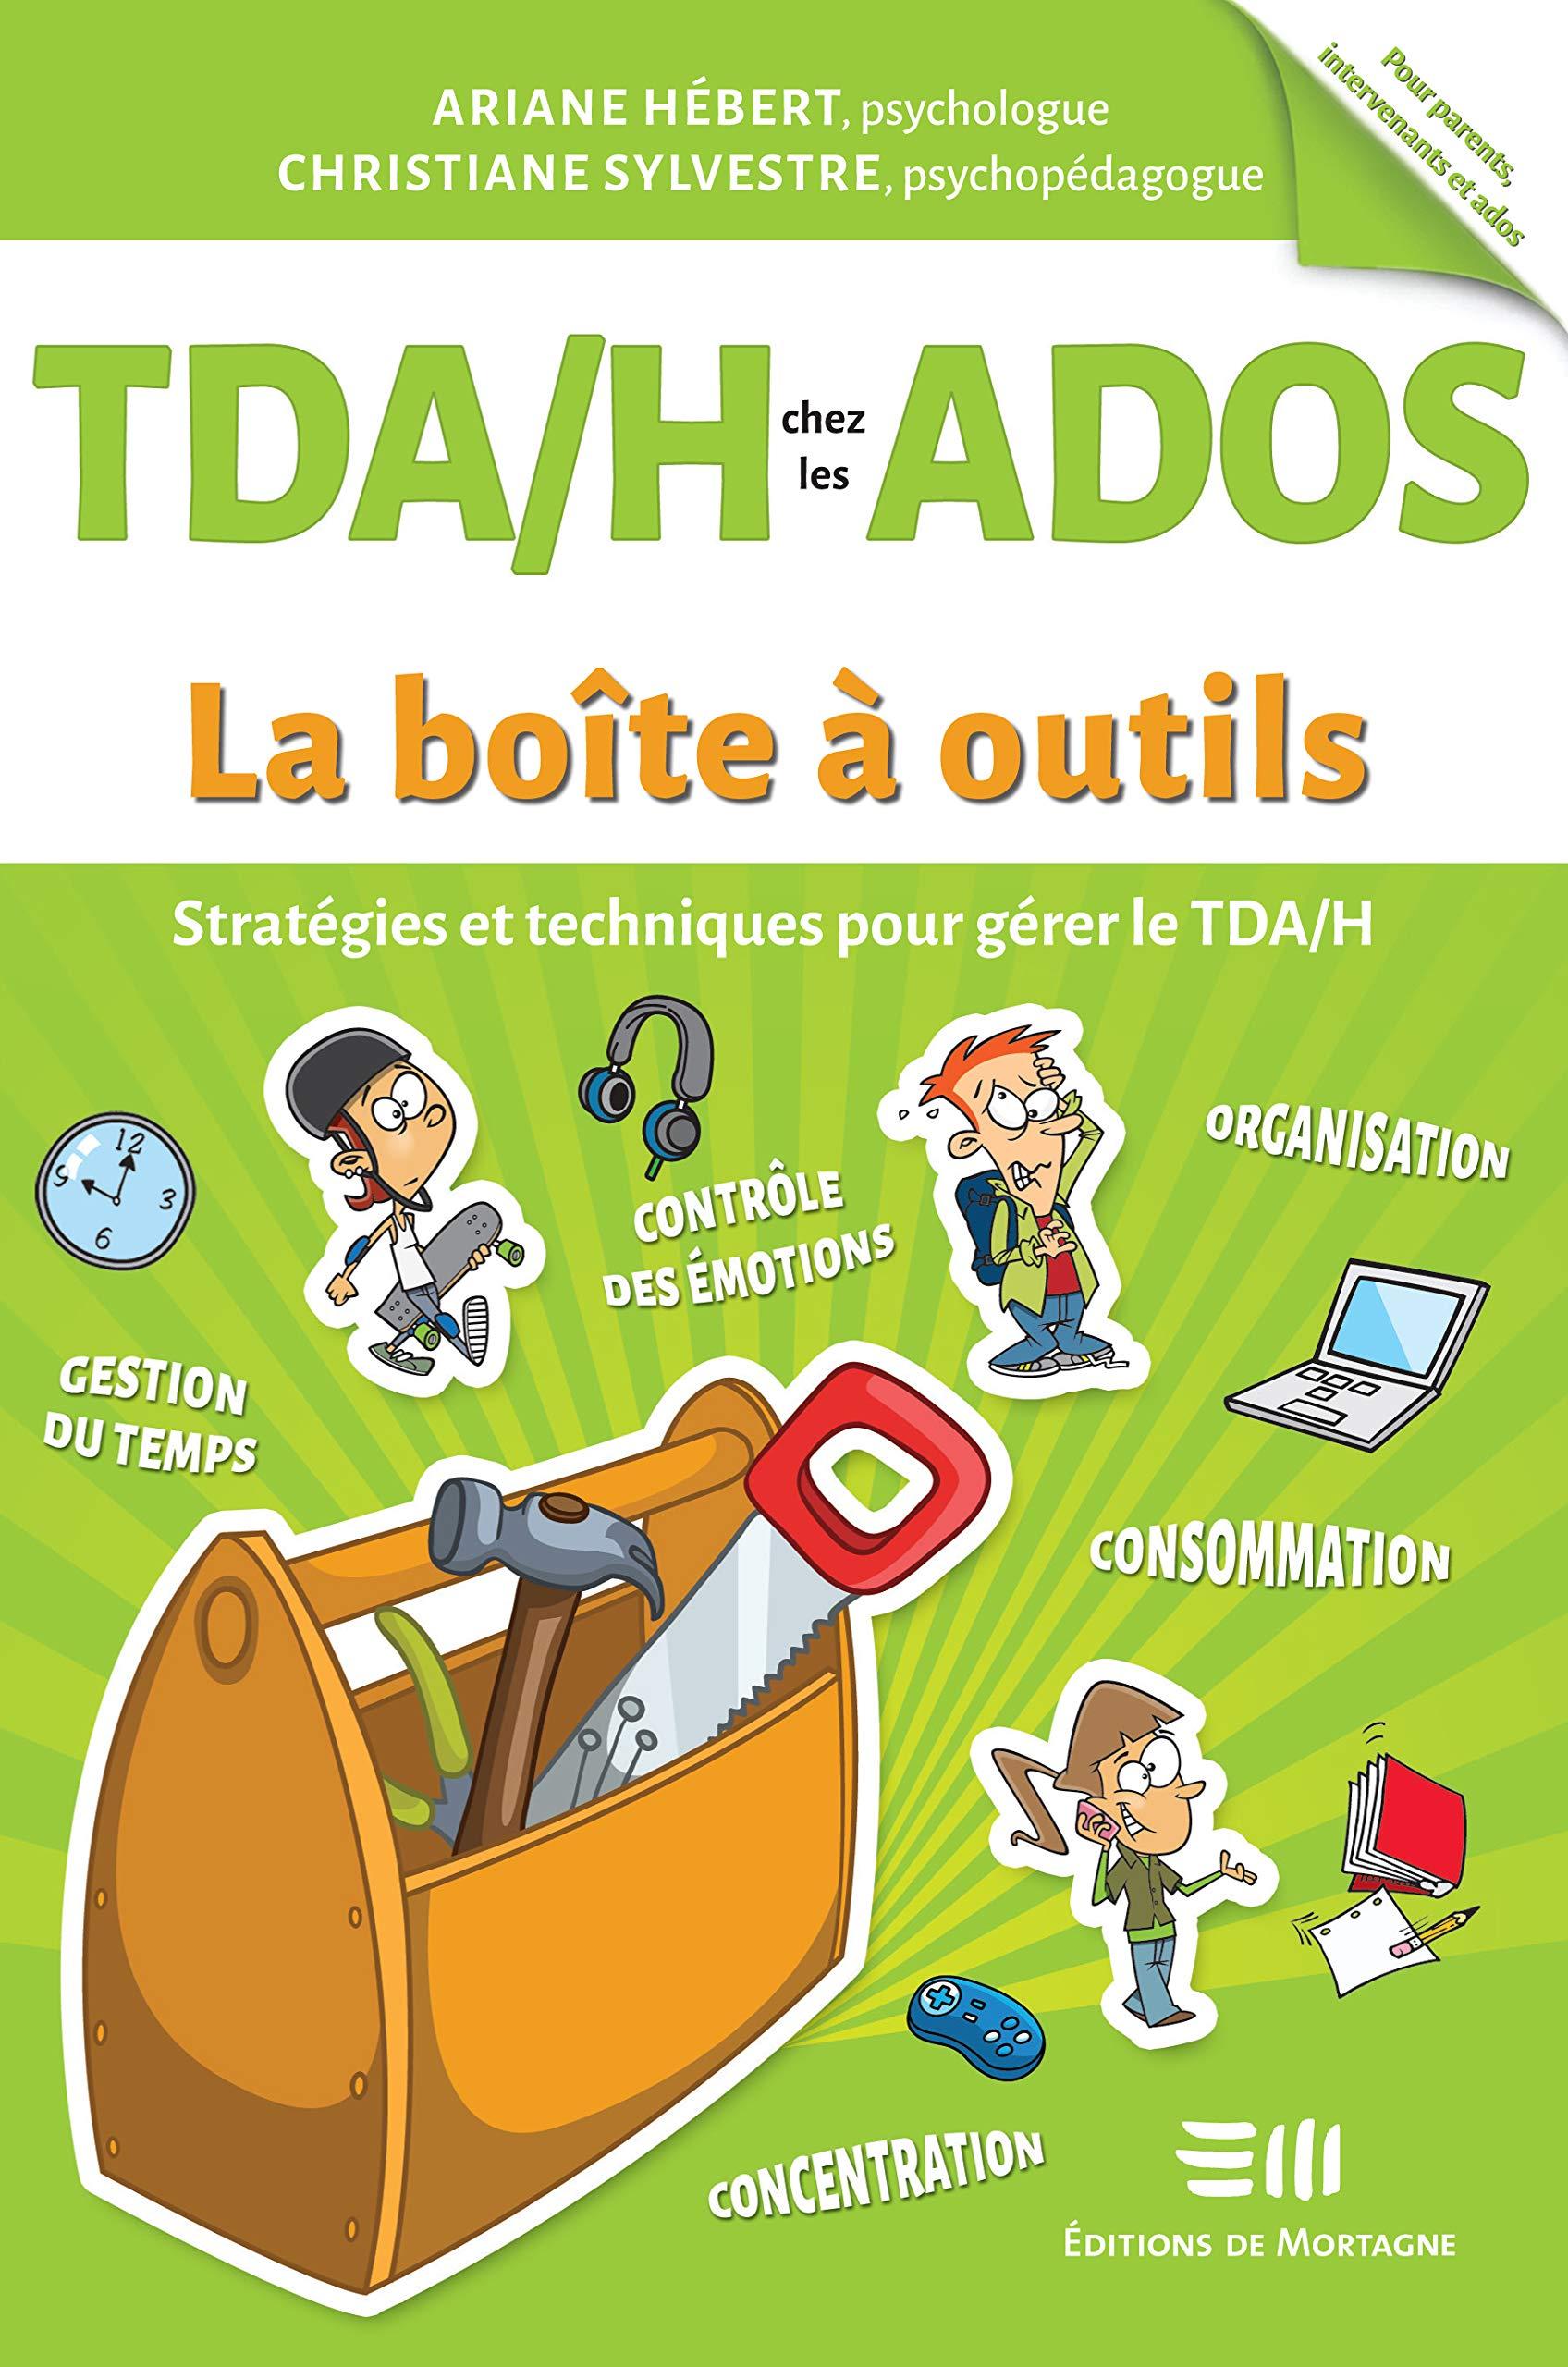 Tdah Chez Les Ados Strategies Et Techniques Pour Gerer Le